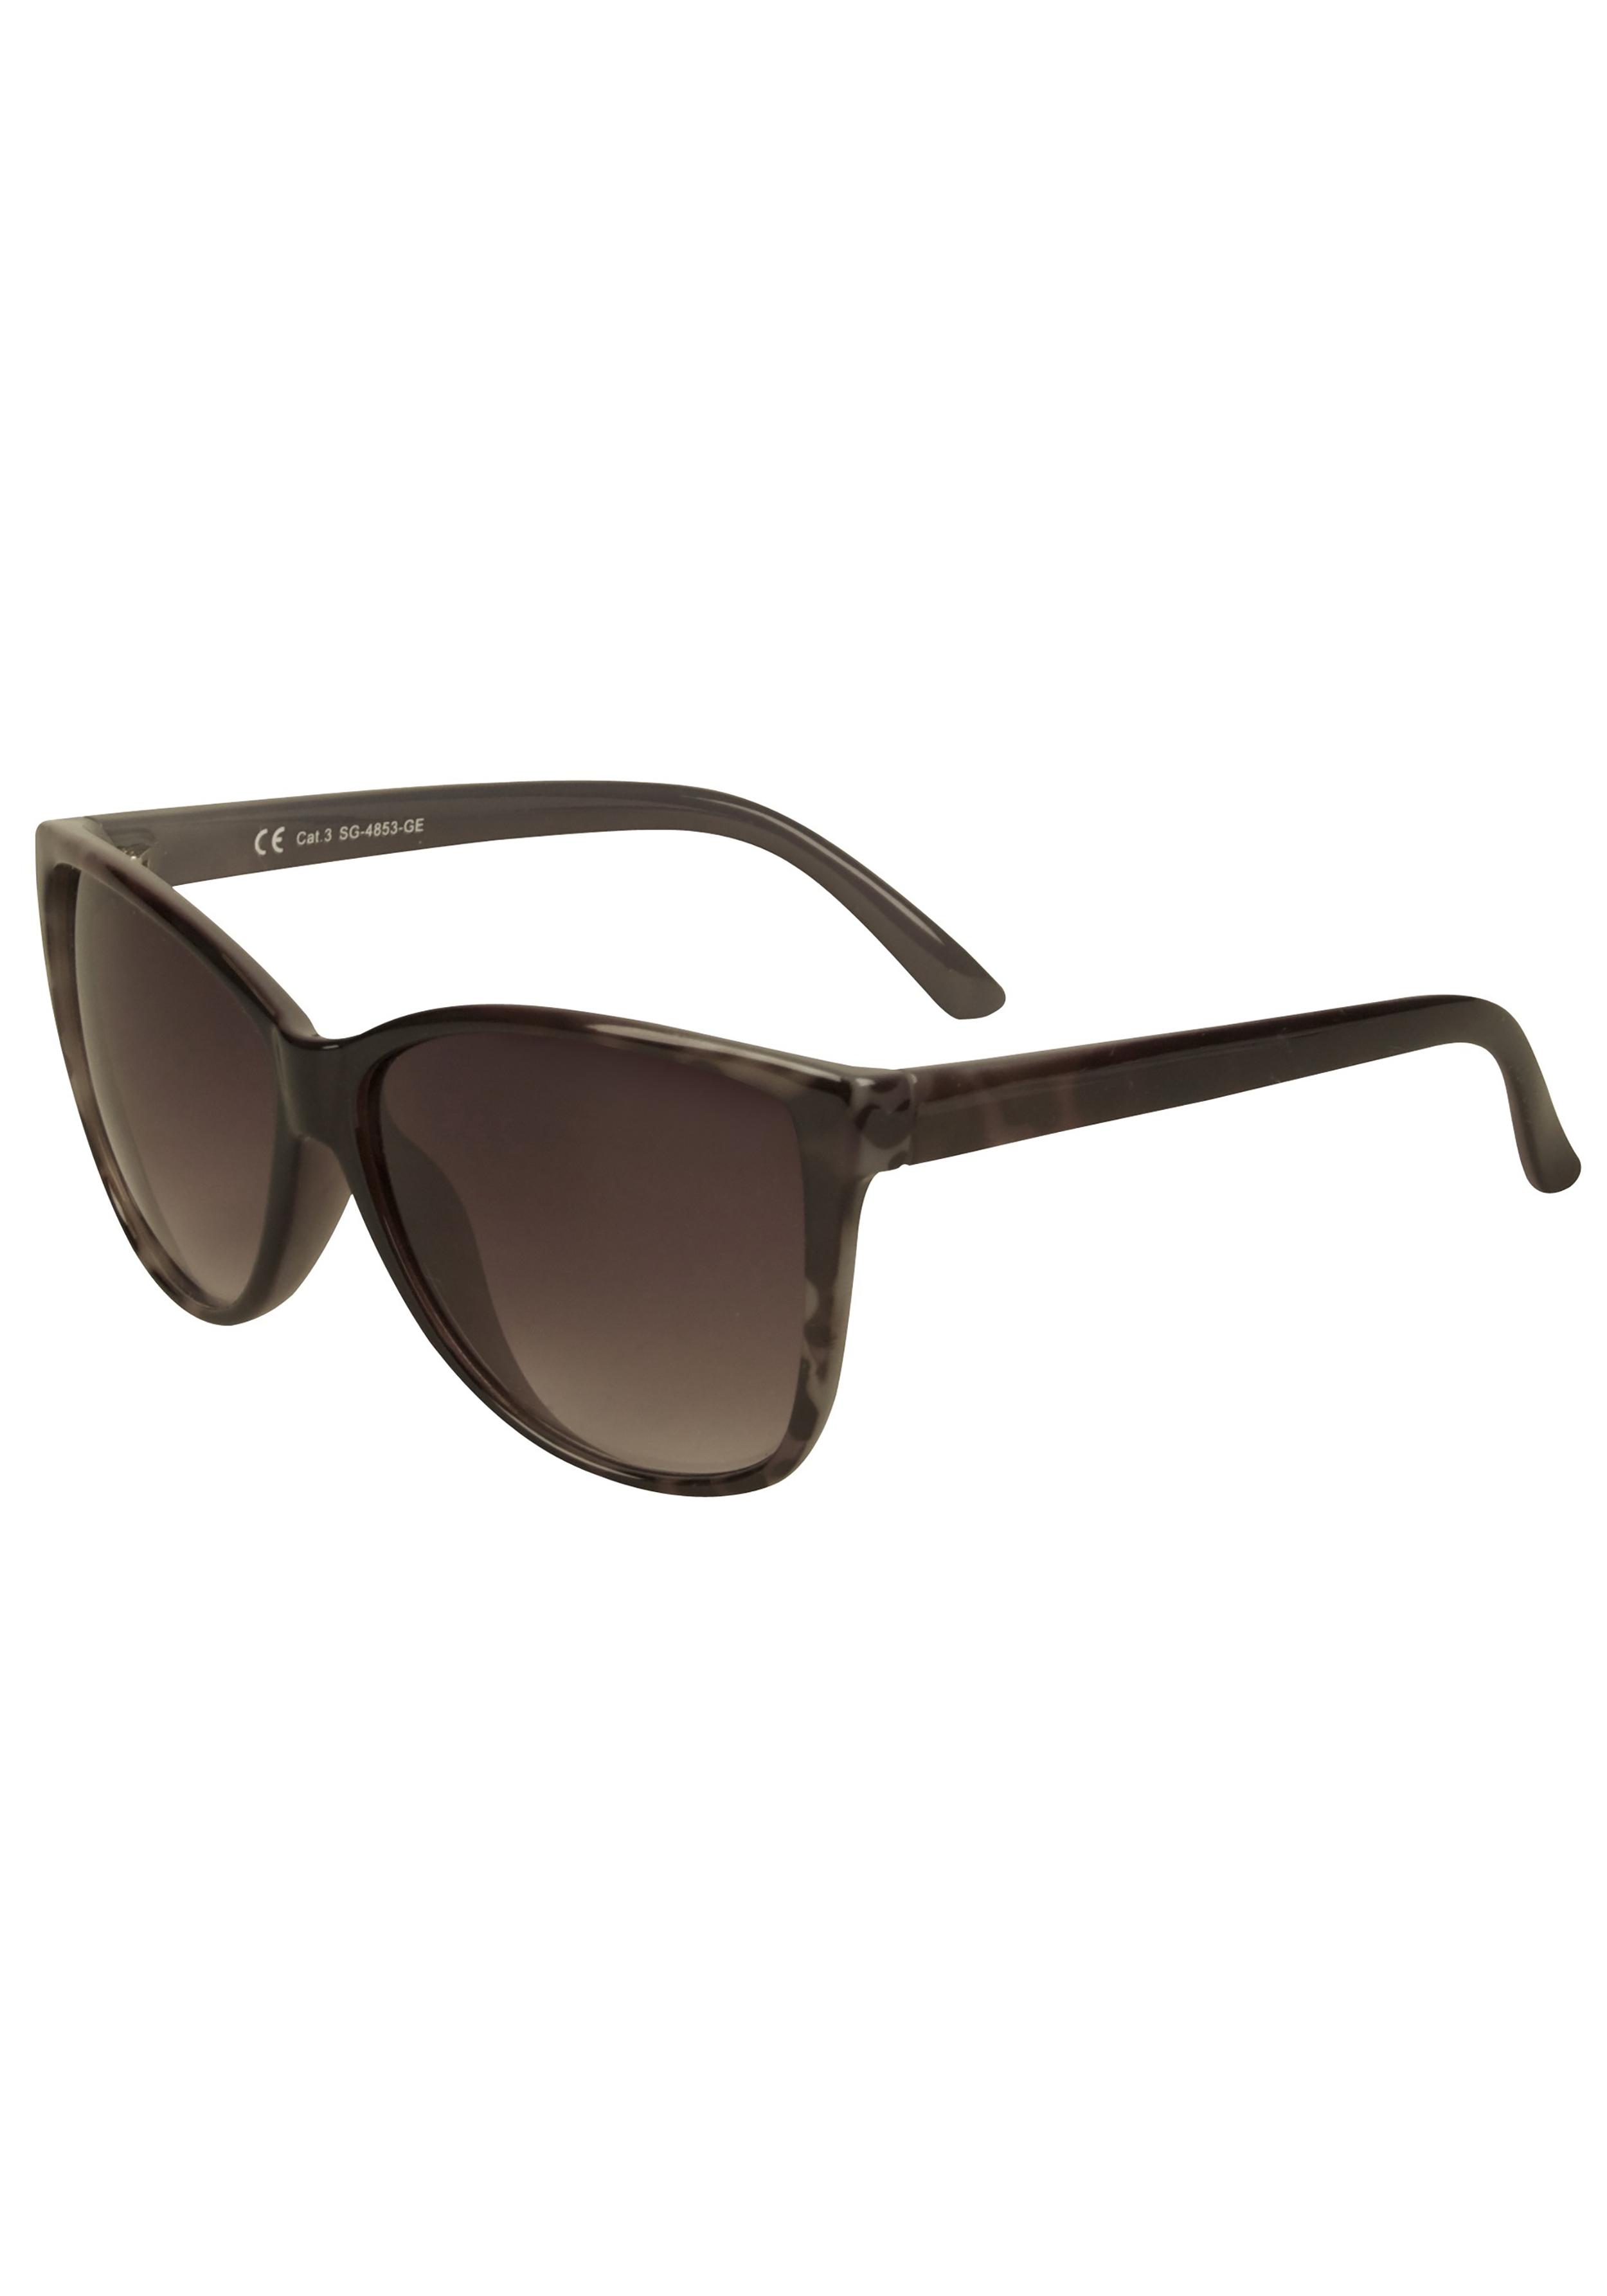 Schicke Sonnenbrille mit Verlaufsgläsern und hohem UV Schutz